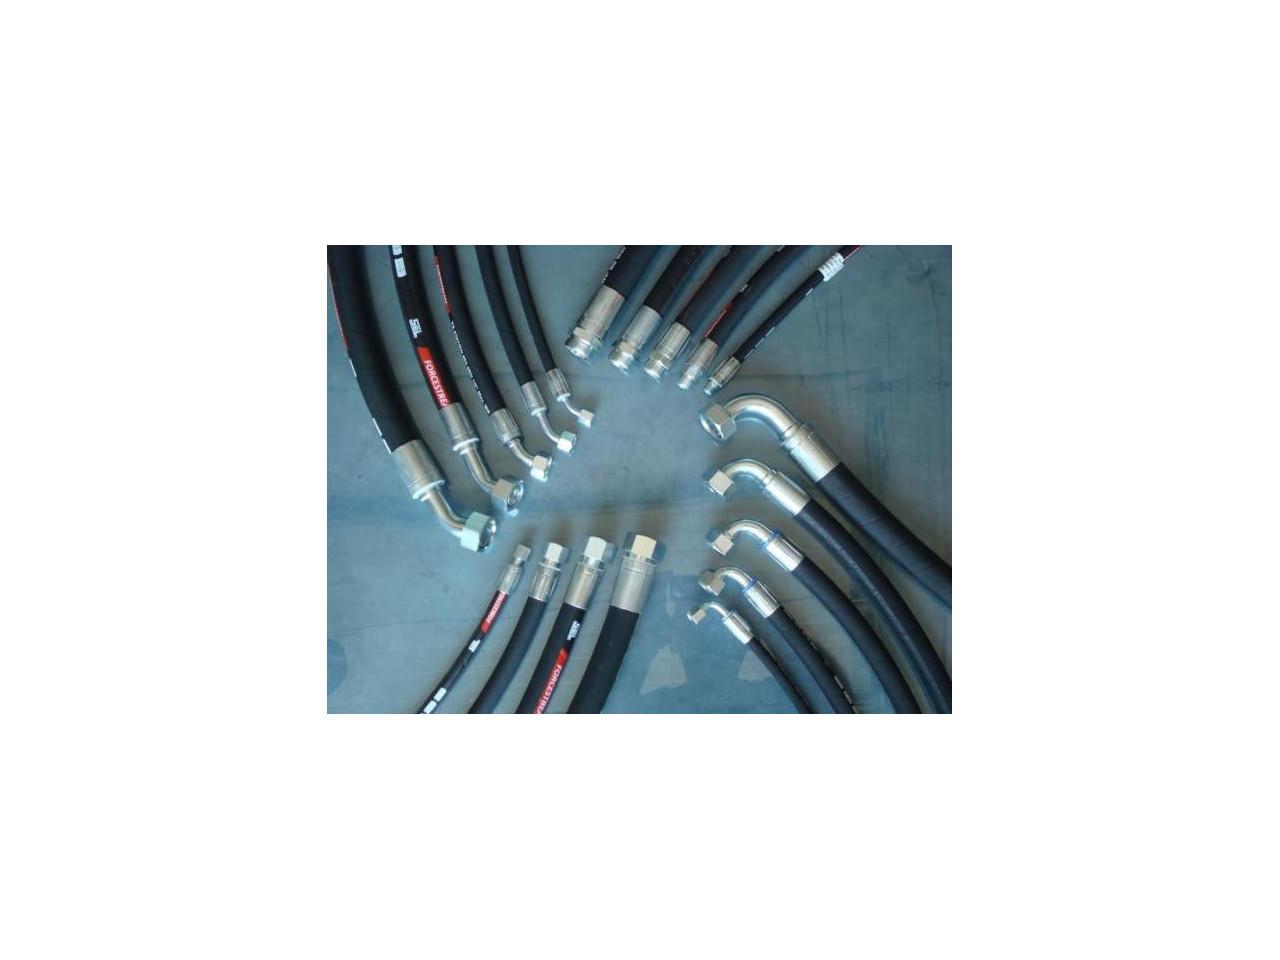 Рукава высокого давления 07271-11495, D355А топливные шланги